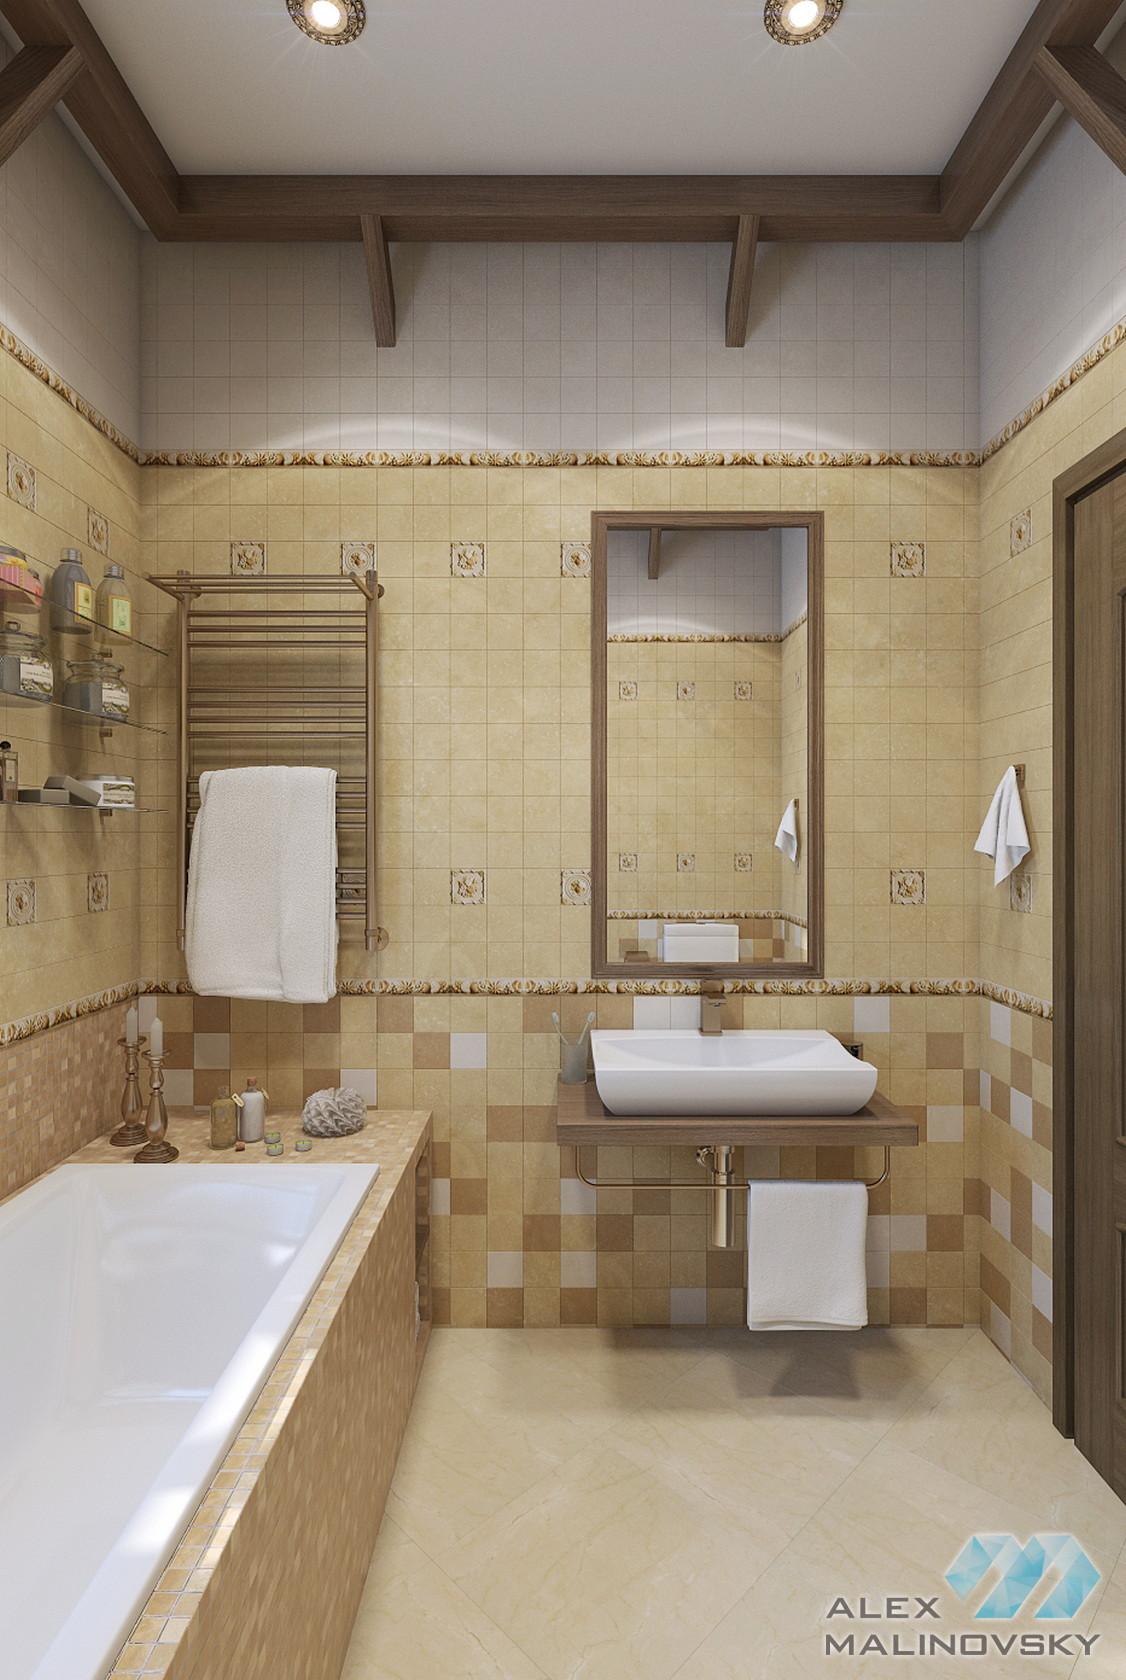 КП Сиеста, Московская область, ванная в коттедже